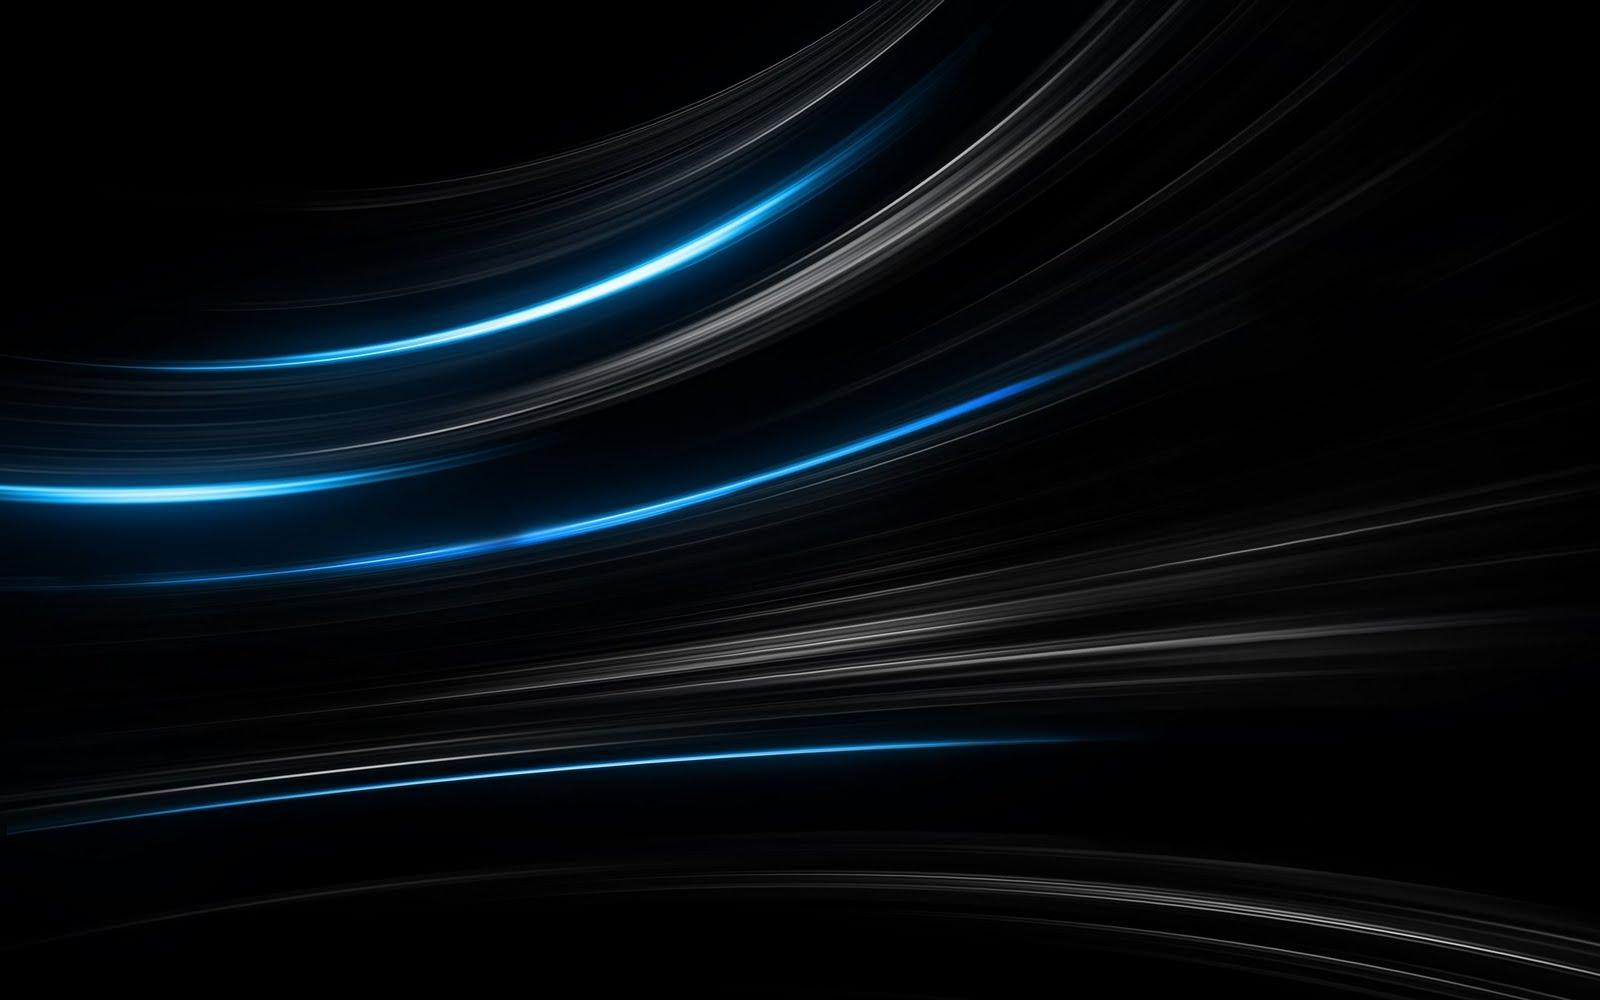 Imagens de Fundo: Imagem de Fundo - Riscas luminosas em fundo preto